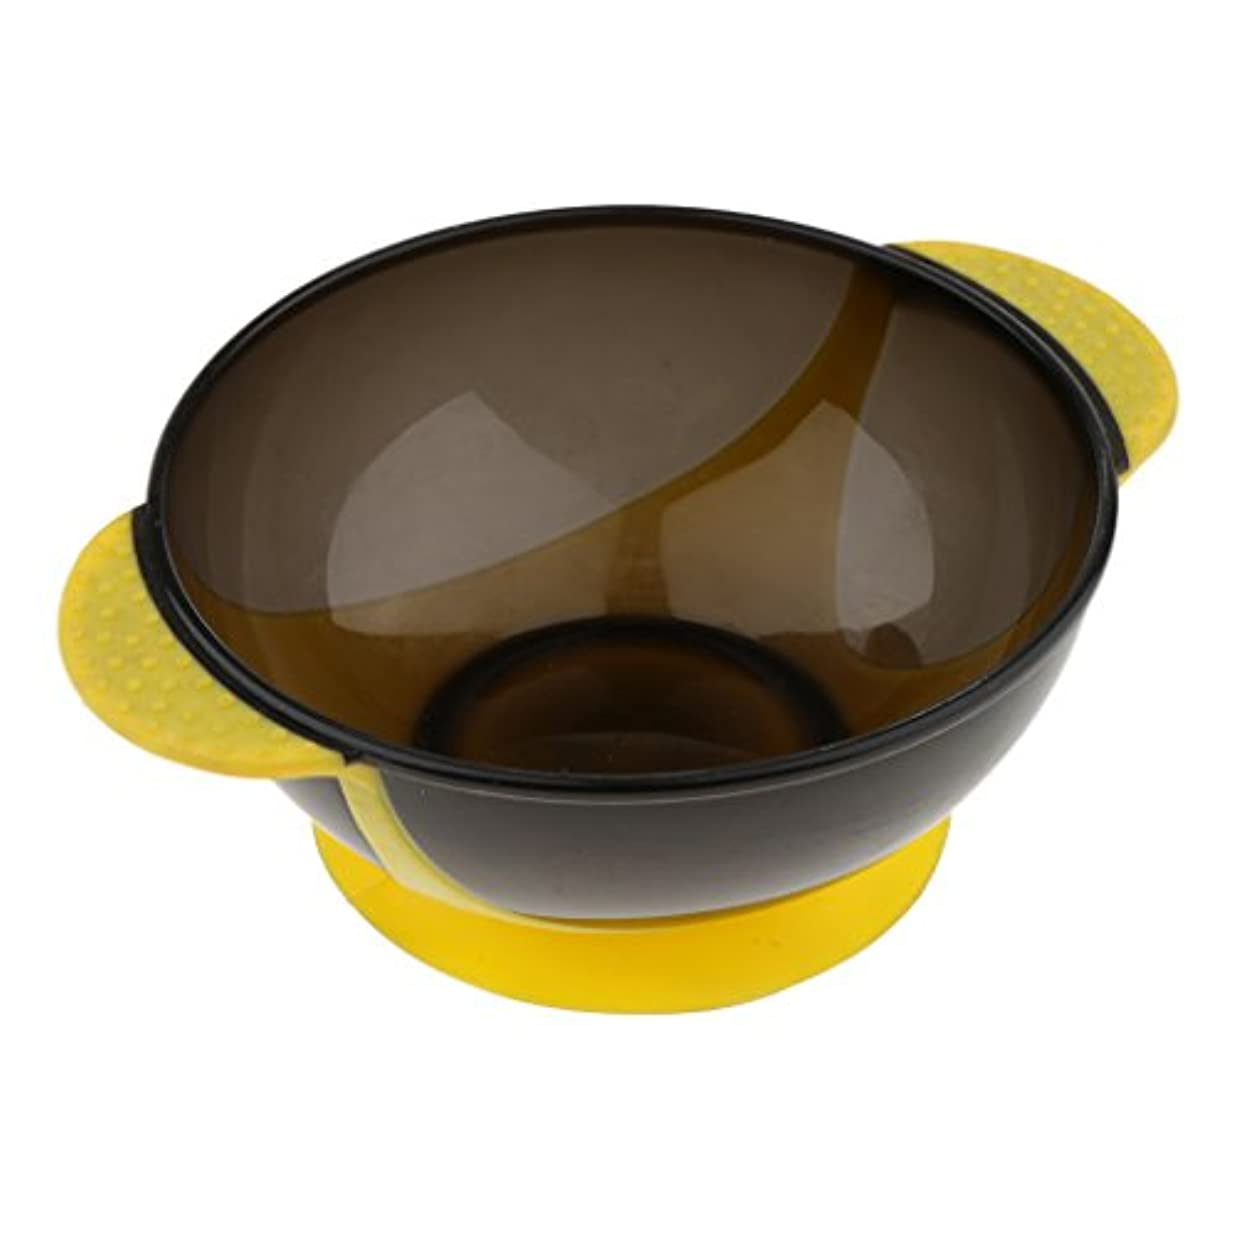 人教育者ダウンタウンヘアダイボウル プラスチック製 サロン 髪染め ミントボウル 着色ツール 吸引ベース 3色選べる - 黄